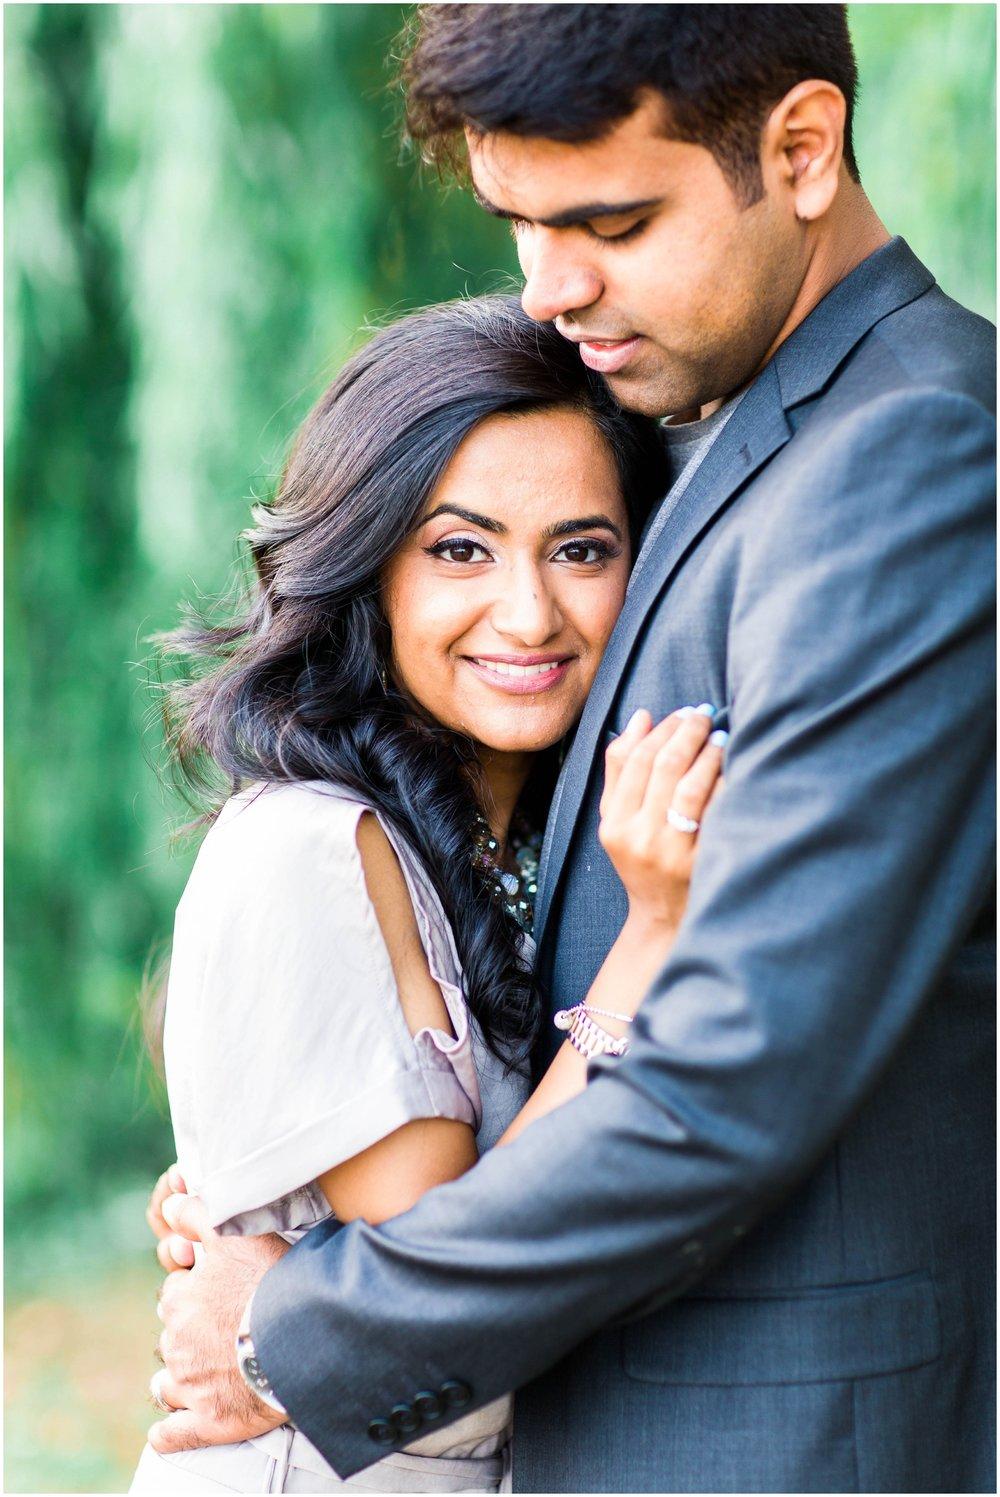 2017-Engagements-Toronto-Mississauga-GTA-Pakistani-Indian-Wedding-Photography-Photographer_0027.jpg